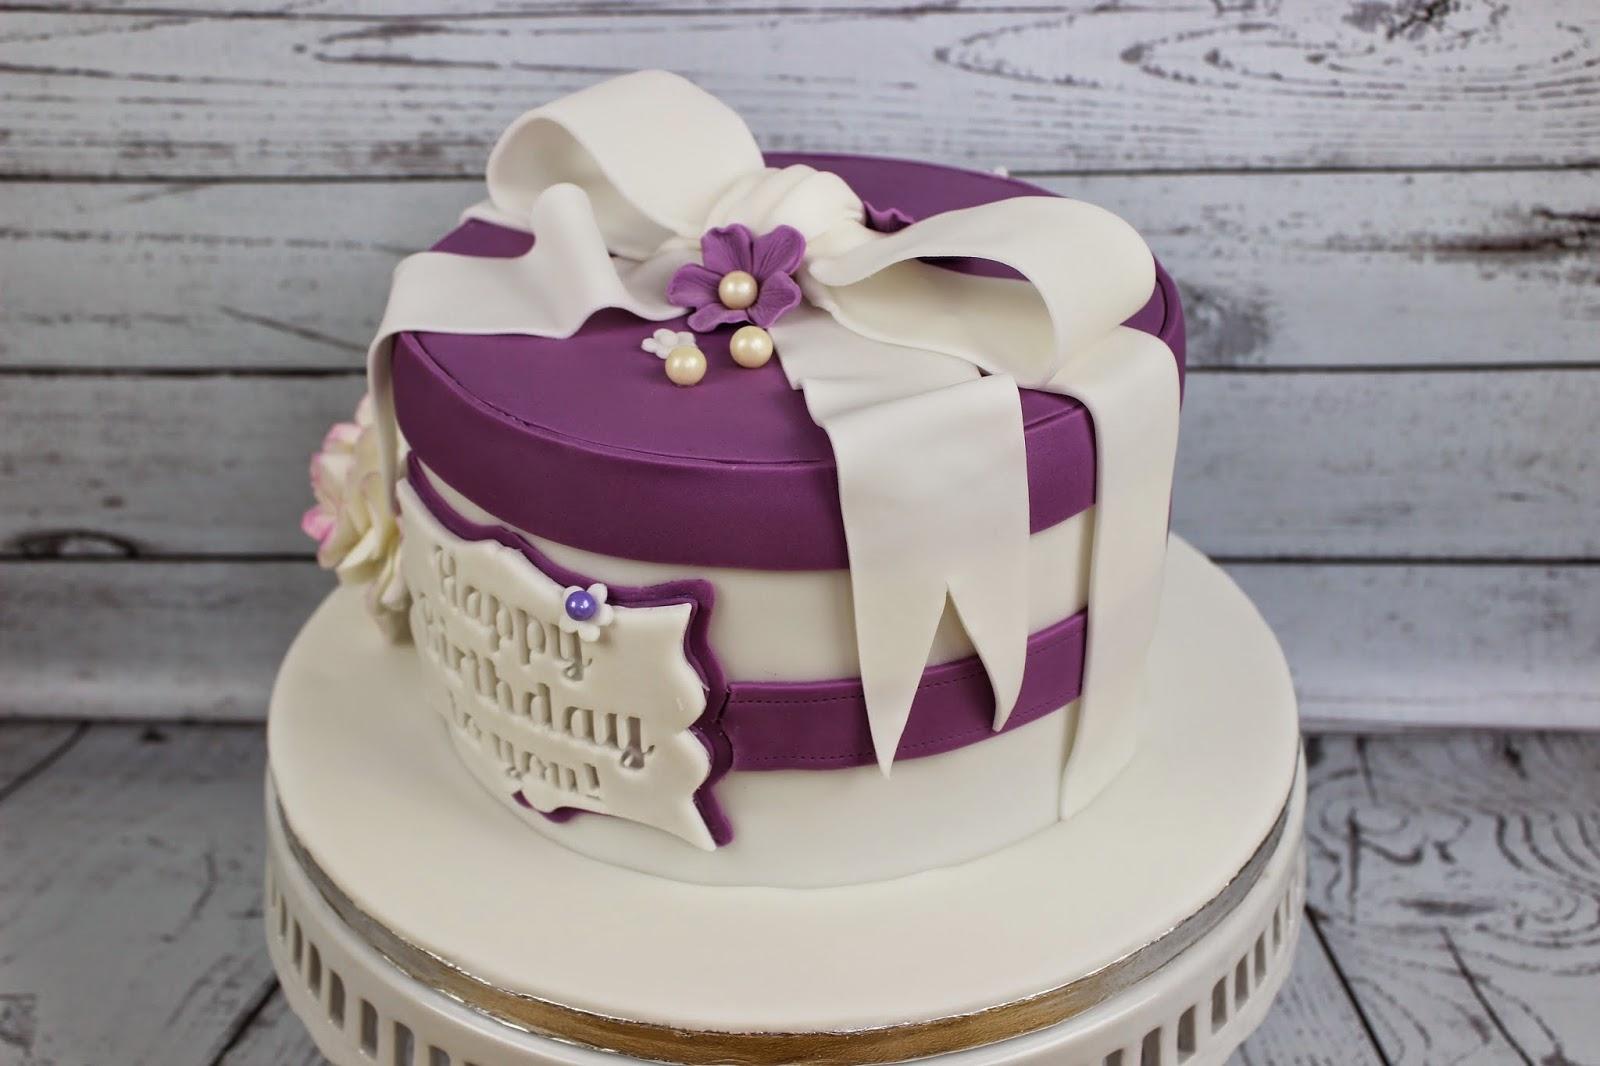 brigittes tortendesign torte zum 60 geburtstag in purple. Black Bedroom Furniture Sets. Home Design Ideas